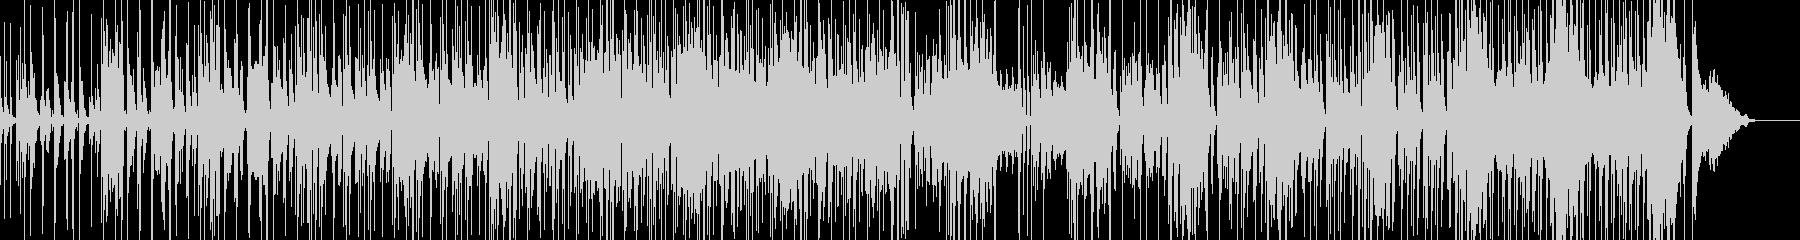 コメディ・ギャグにマッチするBGMの未再生の波形